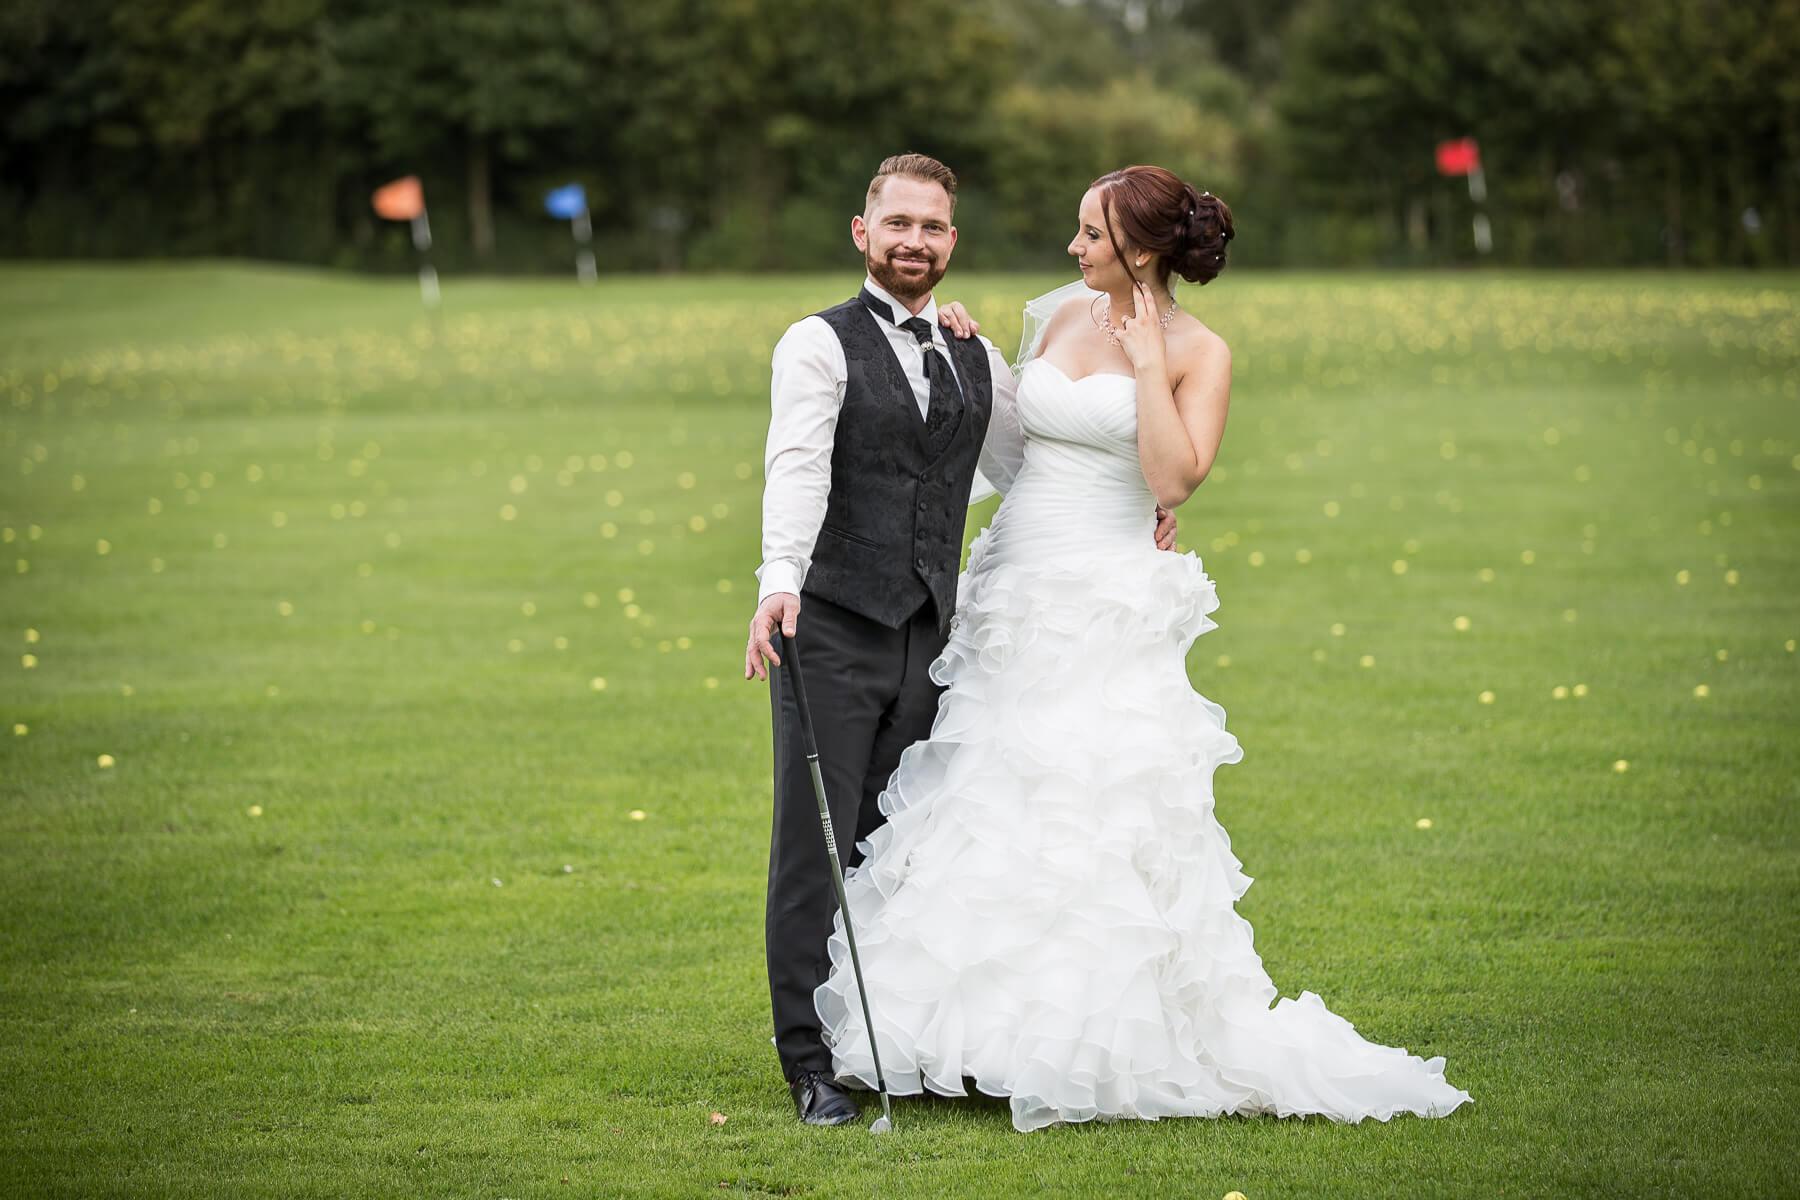 Hochzeitsreportage  Fotograf  Freie Trauung  Golfplatz Hummelbachaue  Neuss 06